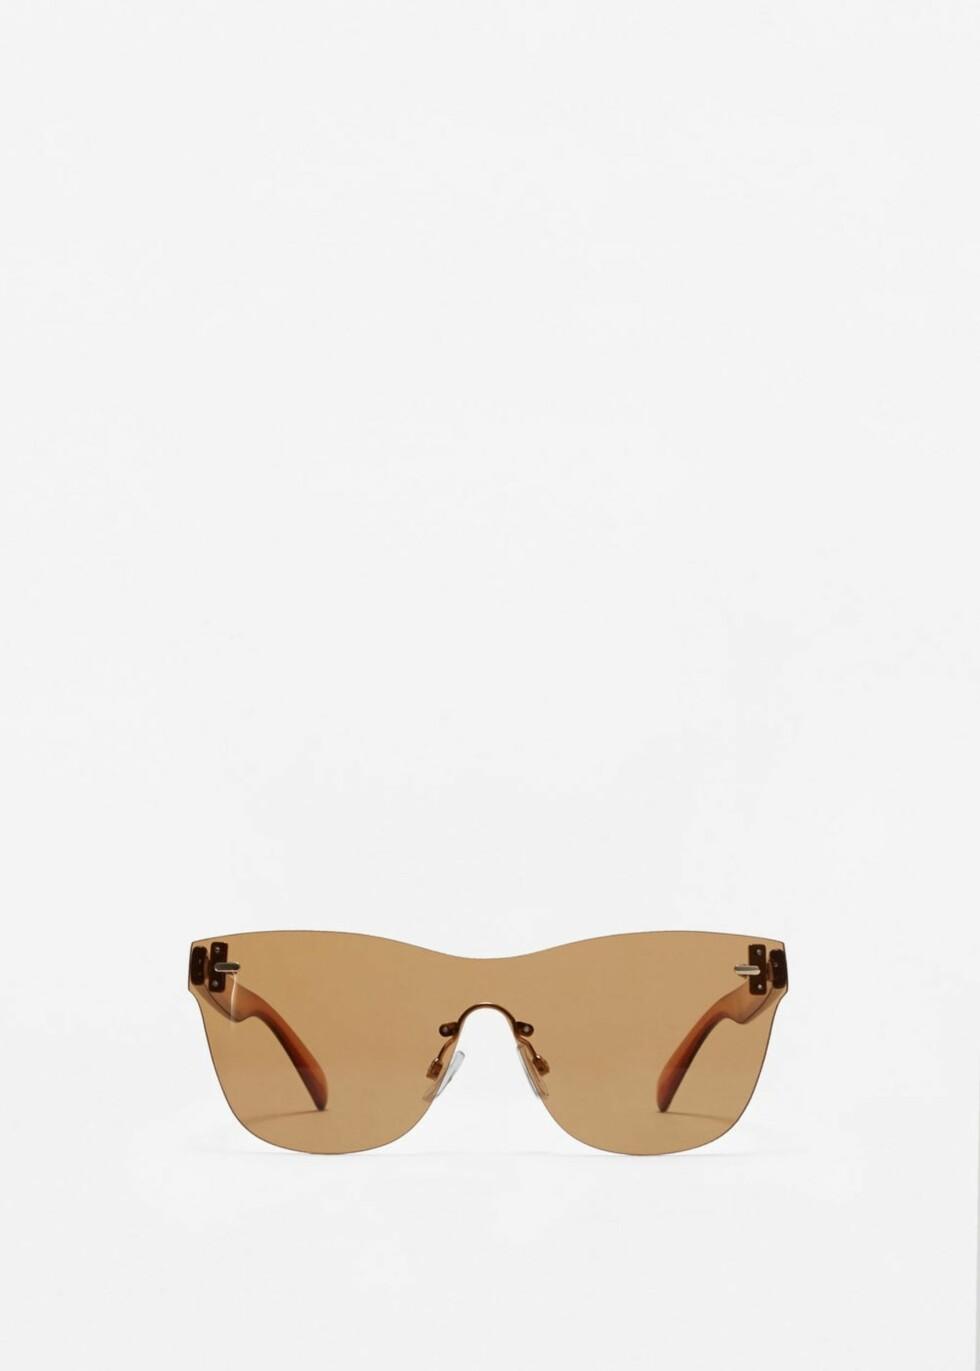 <strong>Solbriller fra Mango | kr 199 | http:</strong>//shop.mango.com/NO/p1/damer/tilbeh%C3%B8r/solbriller/sobriller-med-kontrastfarget-stang?id=83049008_30&n=1&s=nuevo&ts=1493281197102